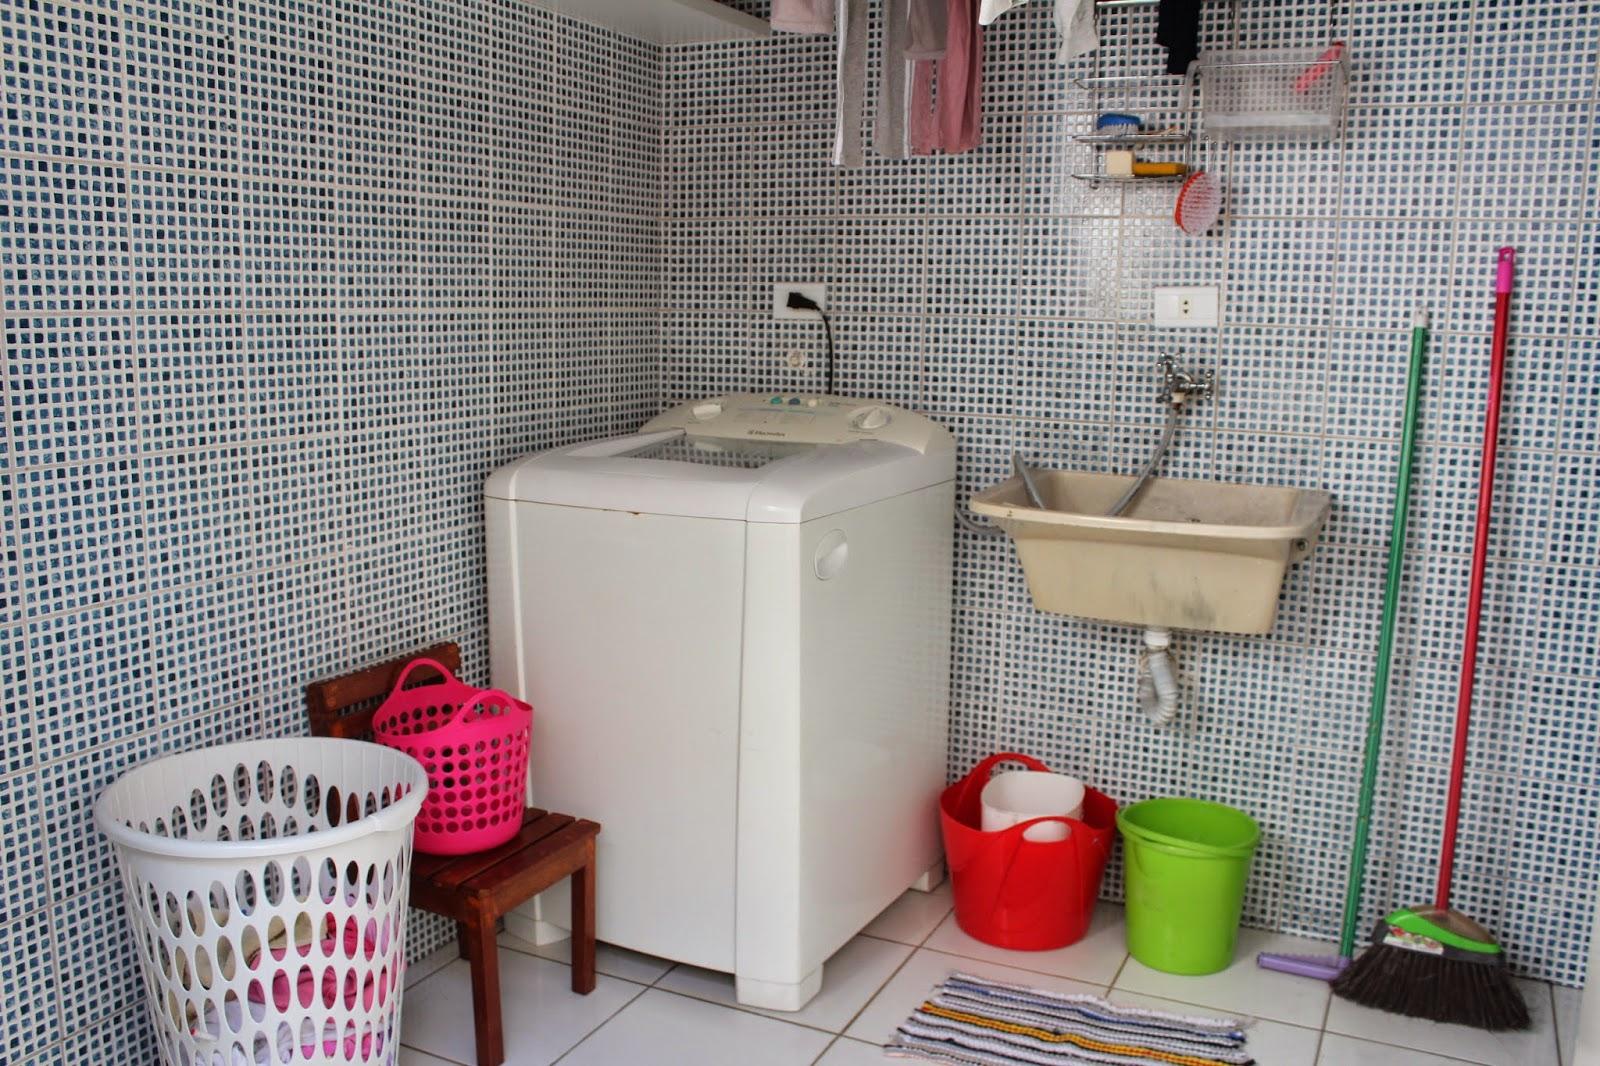 porta de correr é de um banheiro depois mostro o banheiro para vcs #B81324 1600 1066